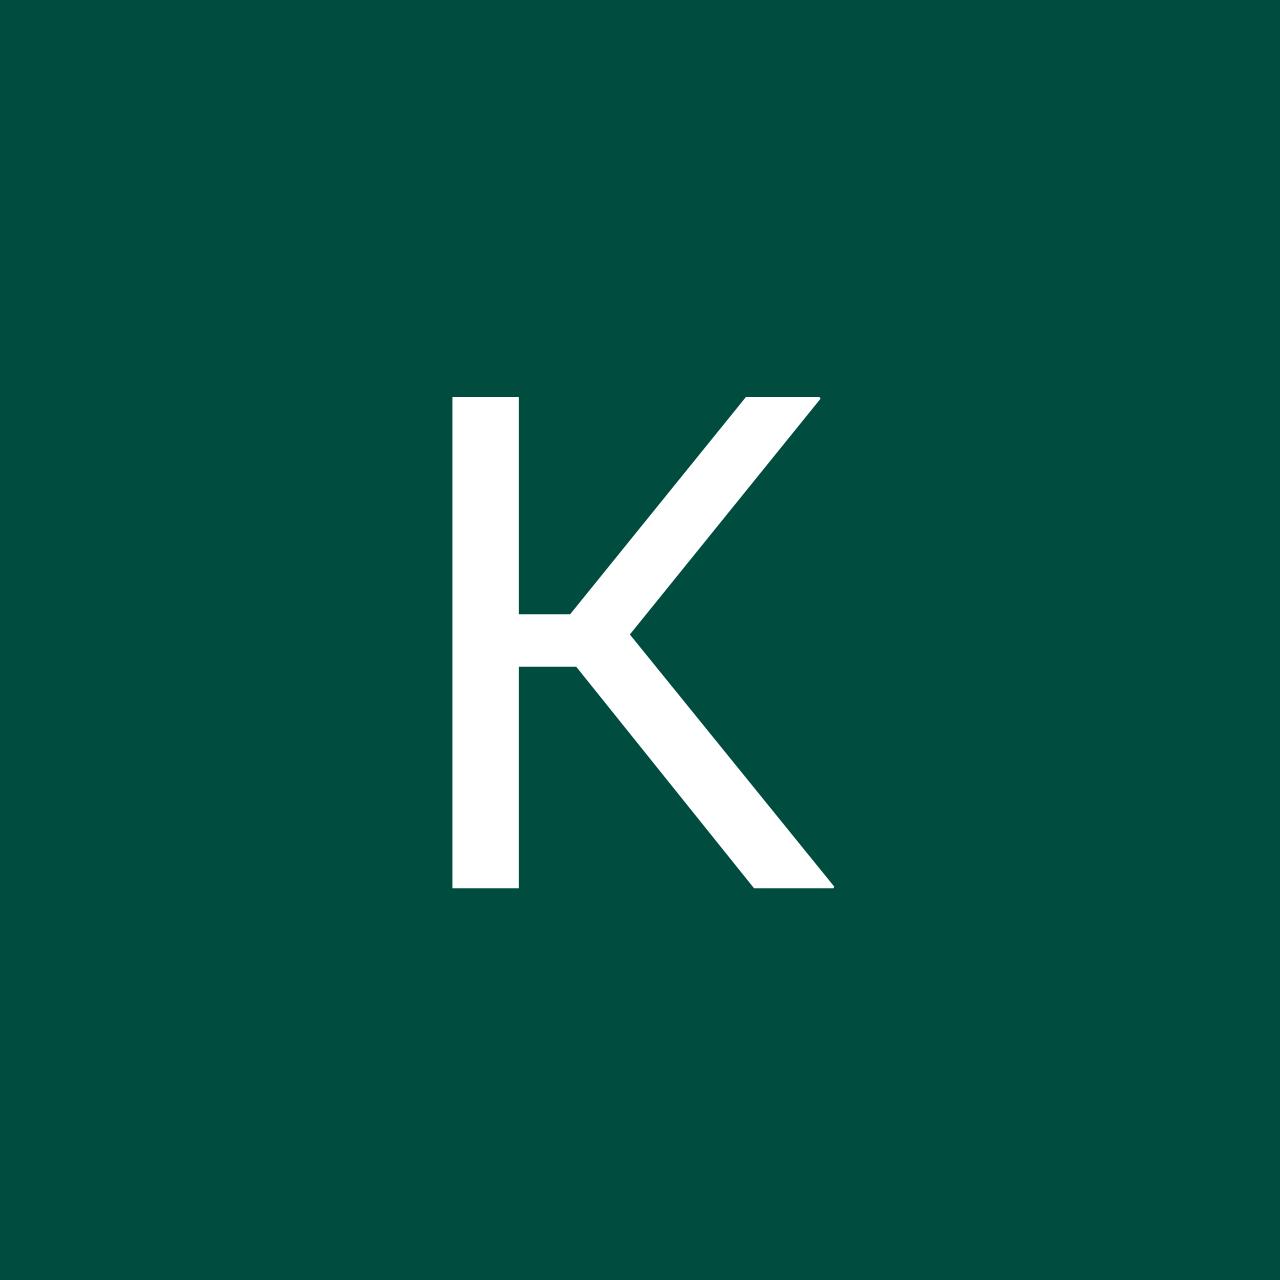 Kidzanz